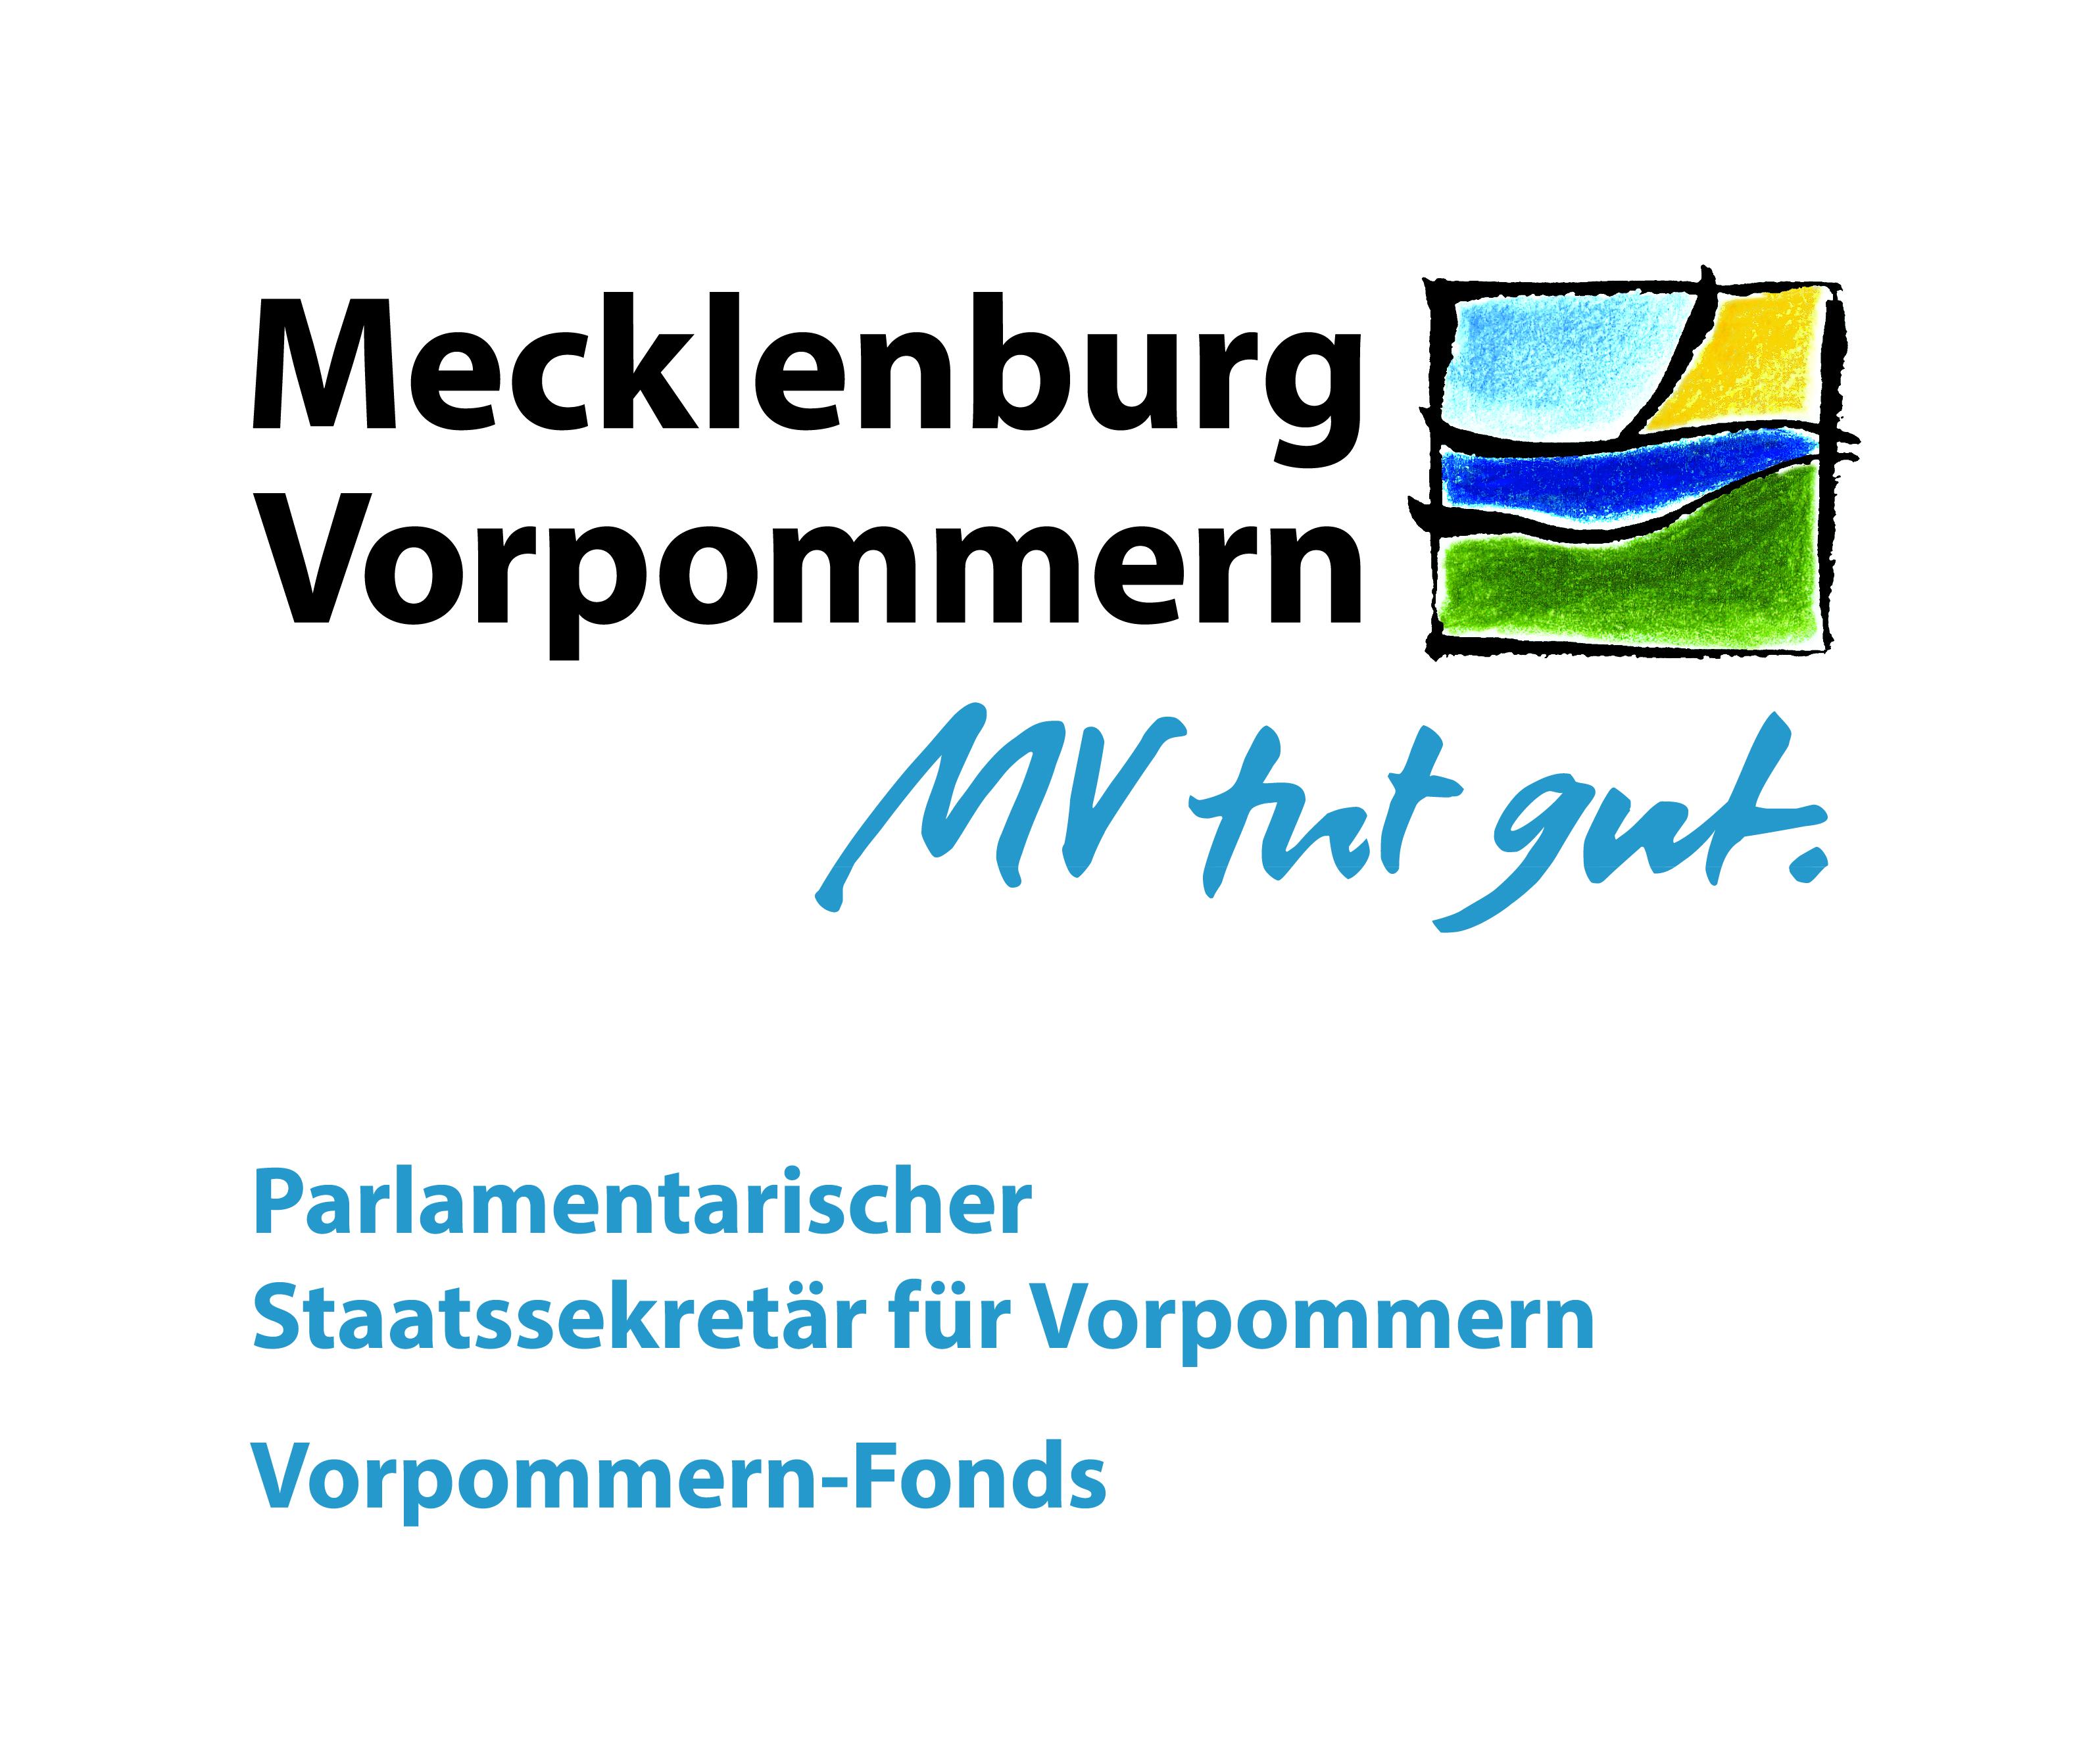 Förderung aus dem Vorpommernfond